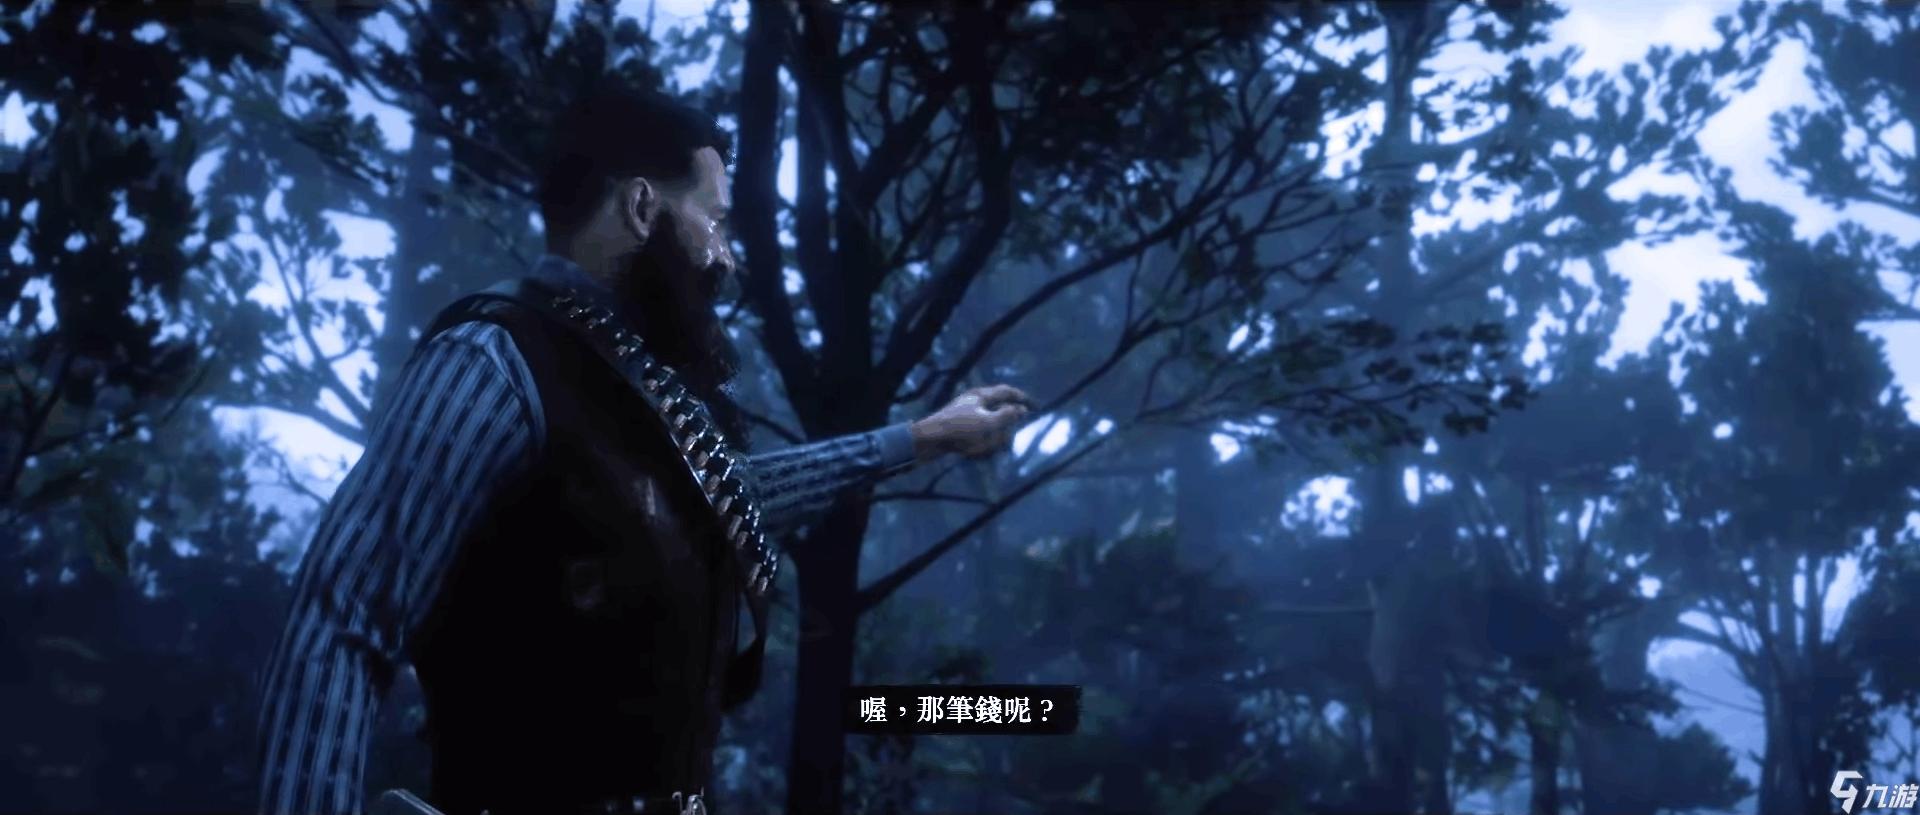 荒野大镖客2亚瑟不死结局怎么做 亚瑟不被杀攻略